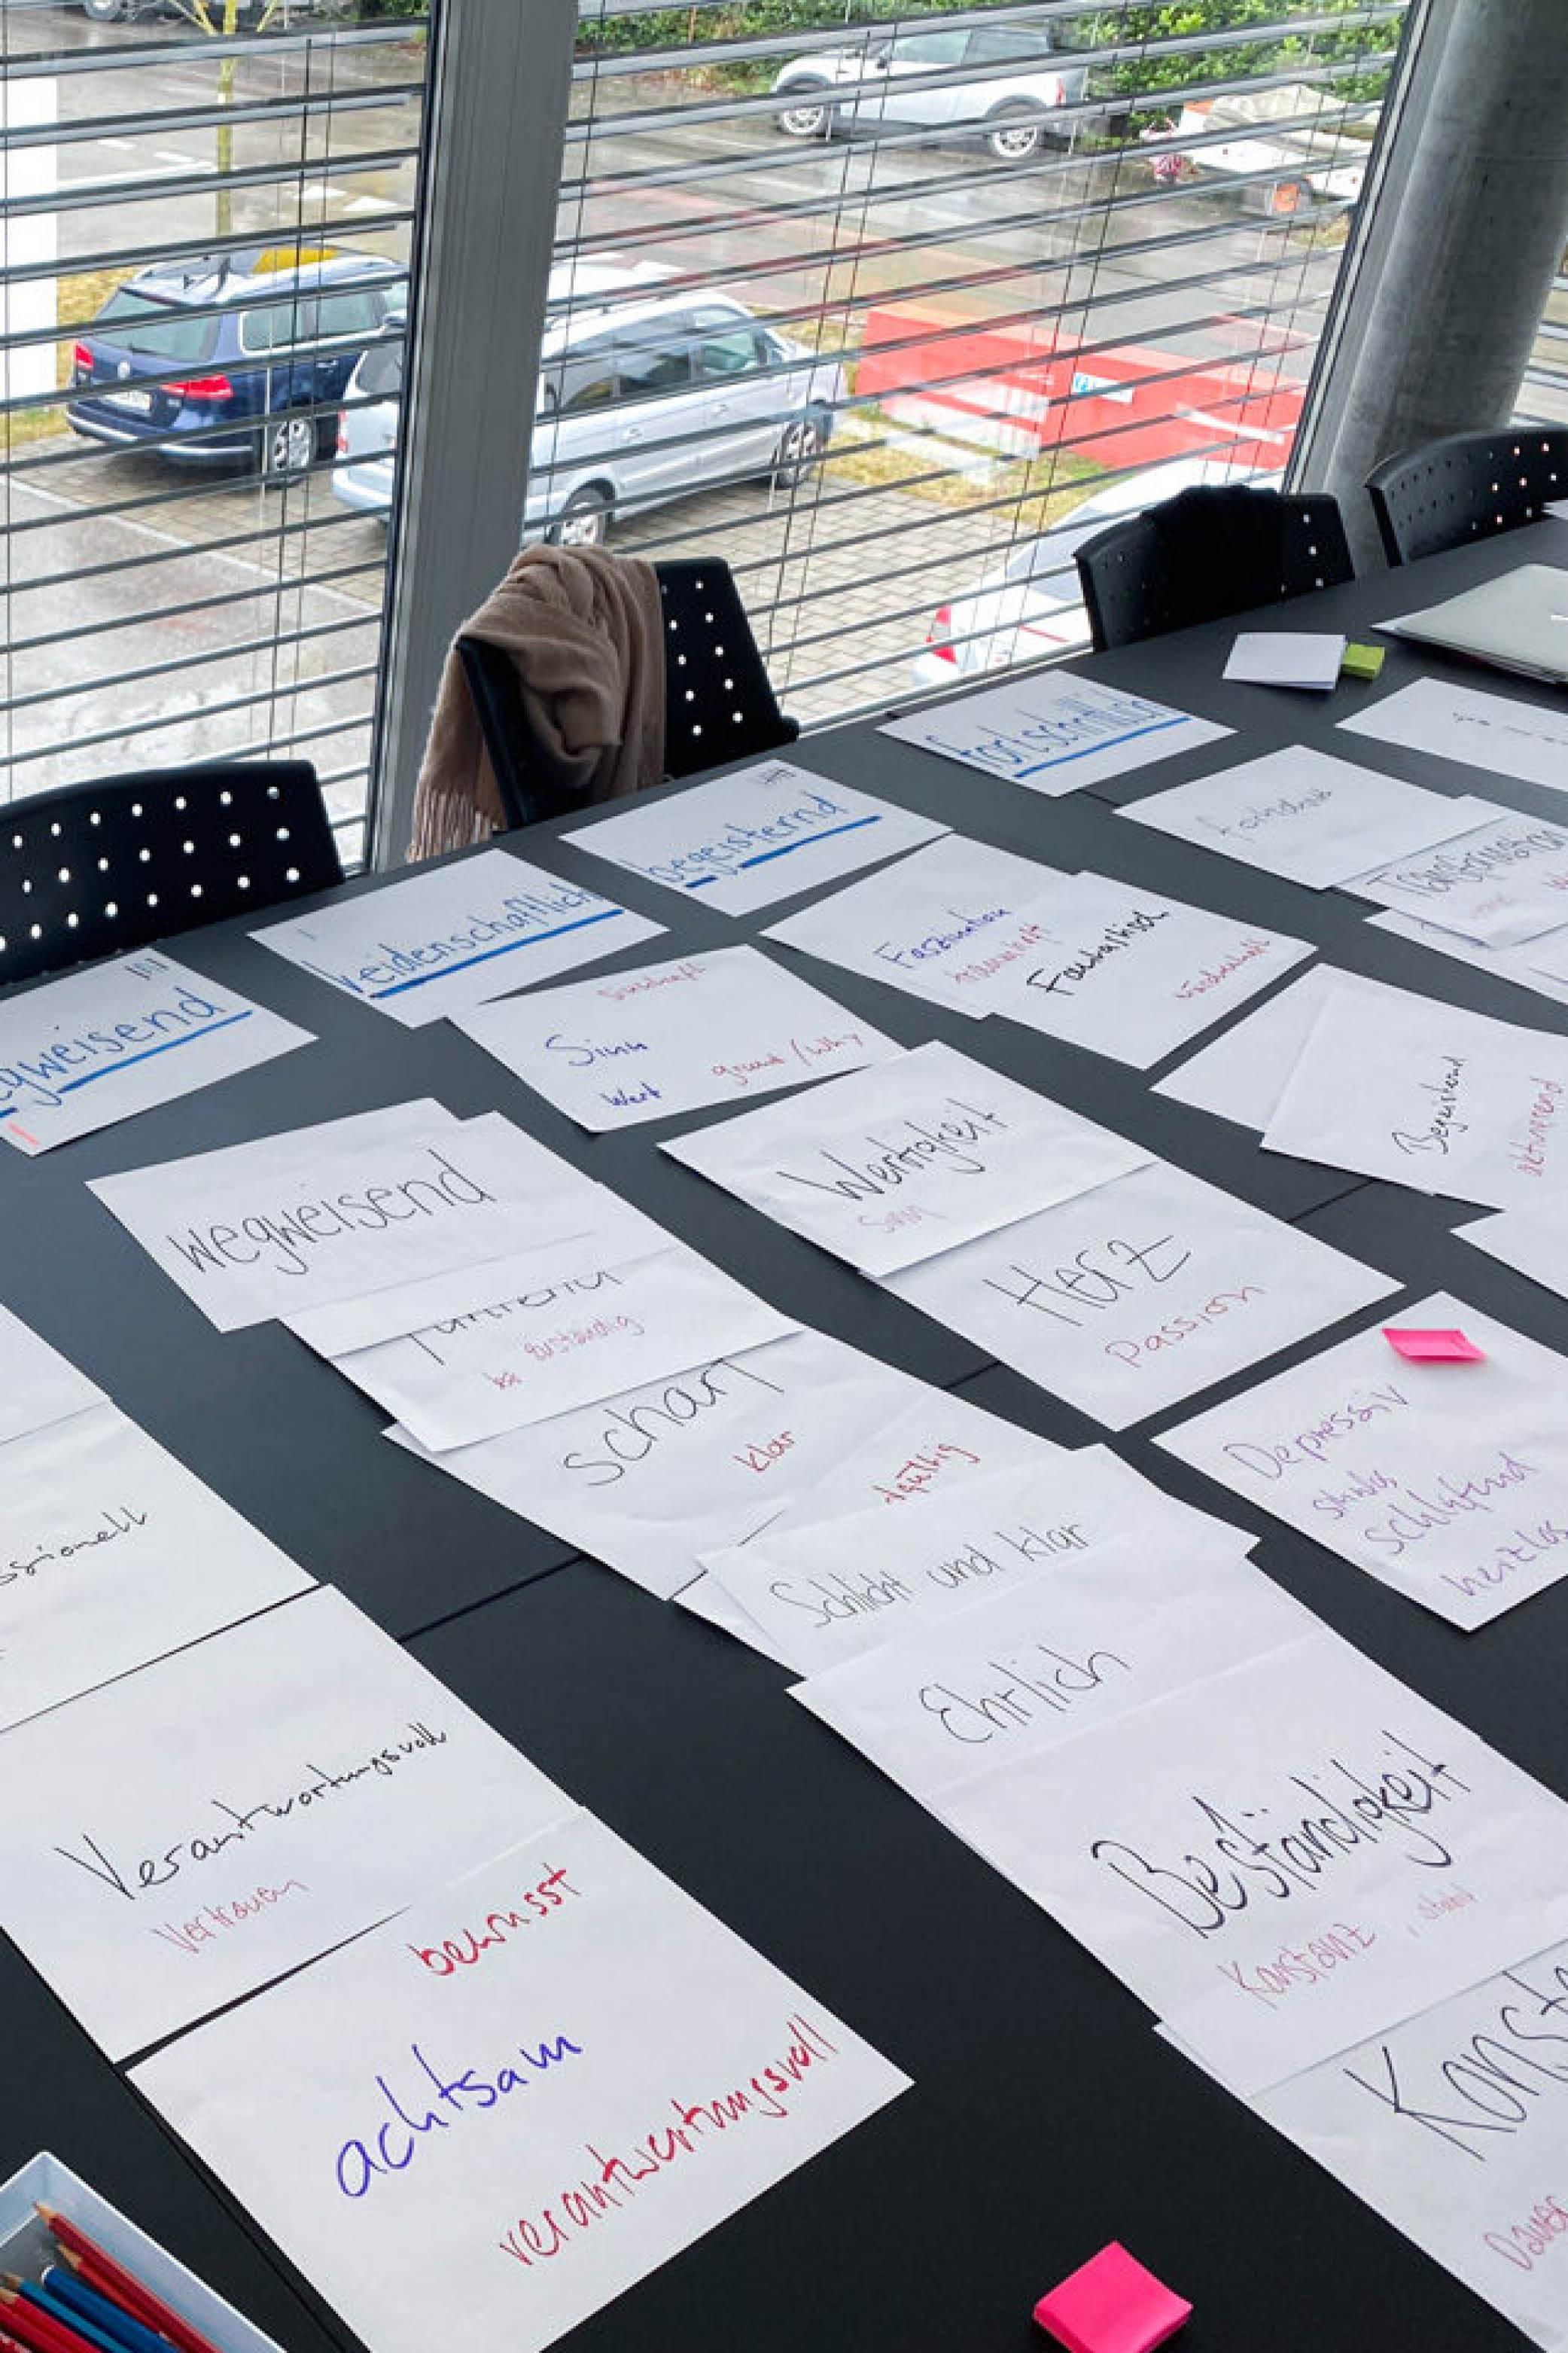 Auslage auf dem Tisch mit Papieren eines Workshops